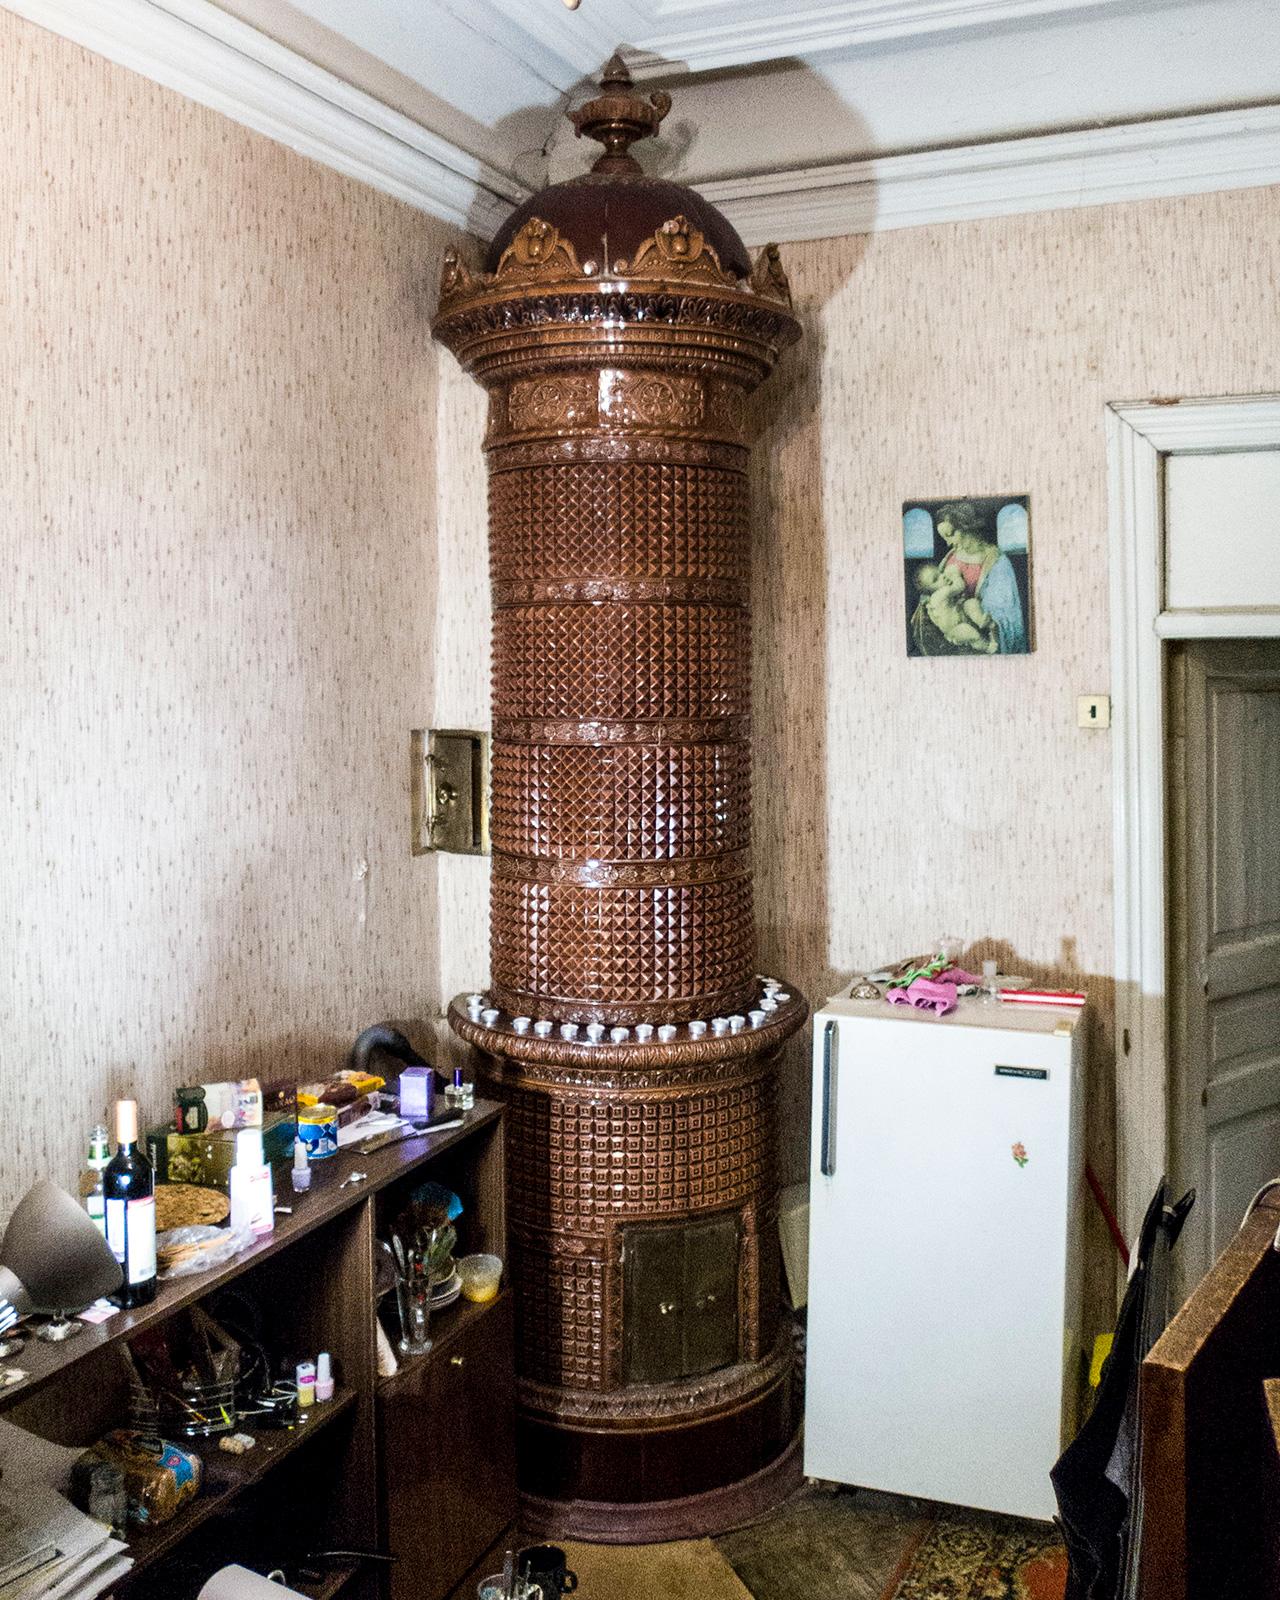 """""""Ho visitato il primo appartamento comunitario sei mesi dopo aver iniziato a collezionare le immagini delle kommunalke esistenti ancora oggi – racconta Maksim -. Questa mia passione è nata quando mi sono reso conto che non ci sono studi sufficienti sugli interni dei palazzi storici di San Pietroburgo"""""""